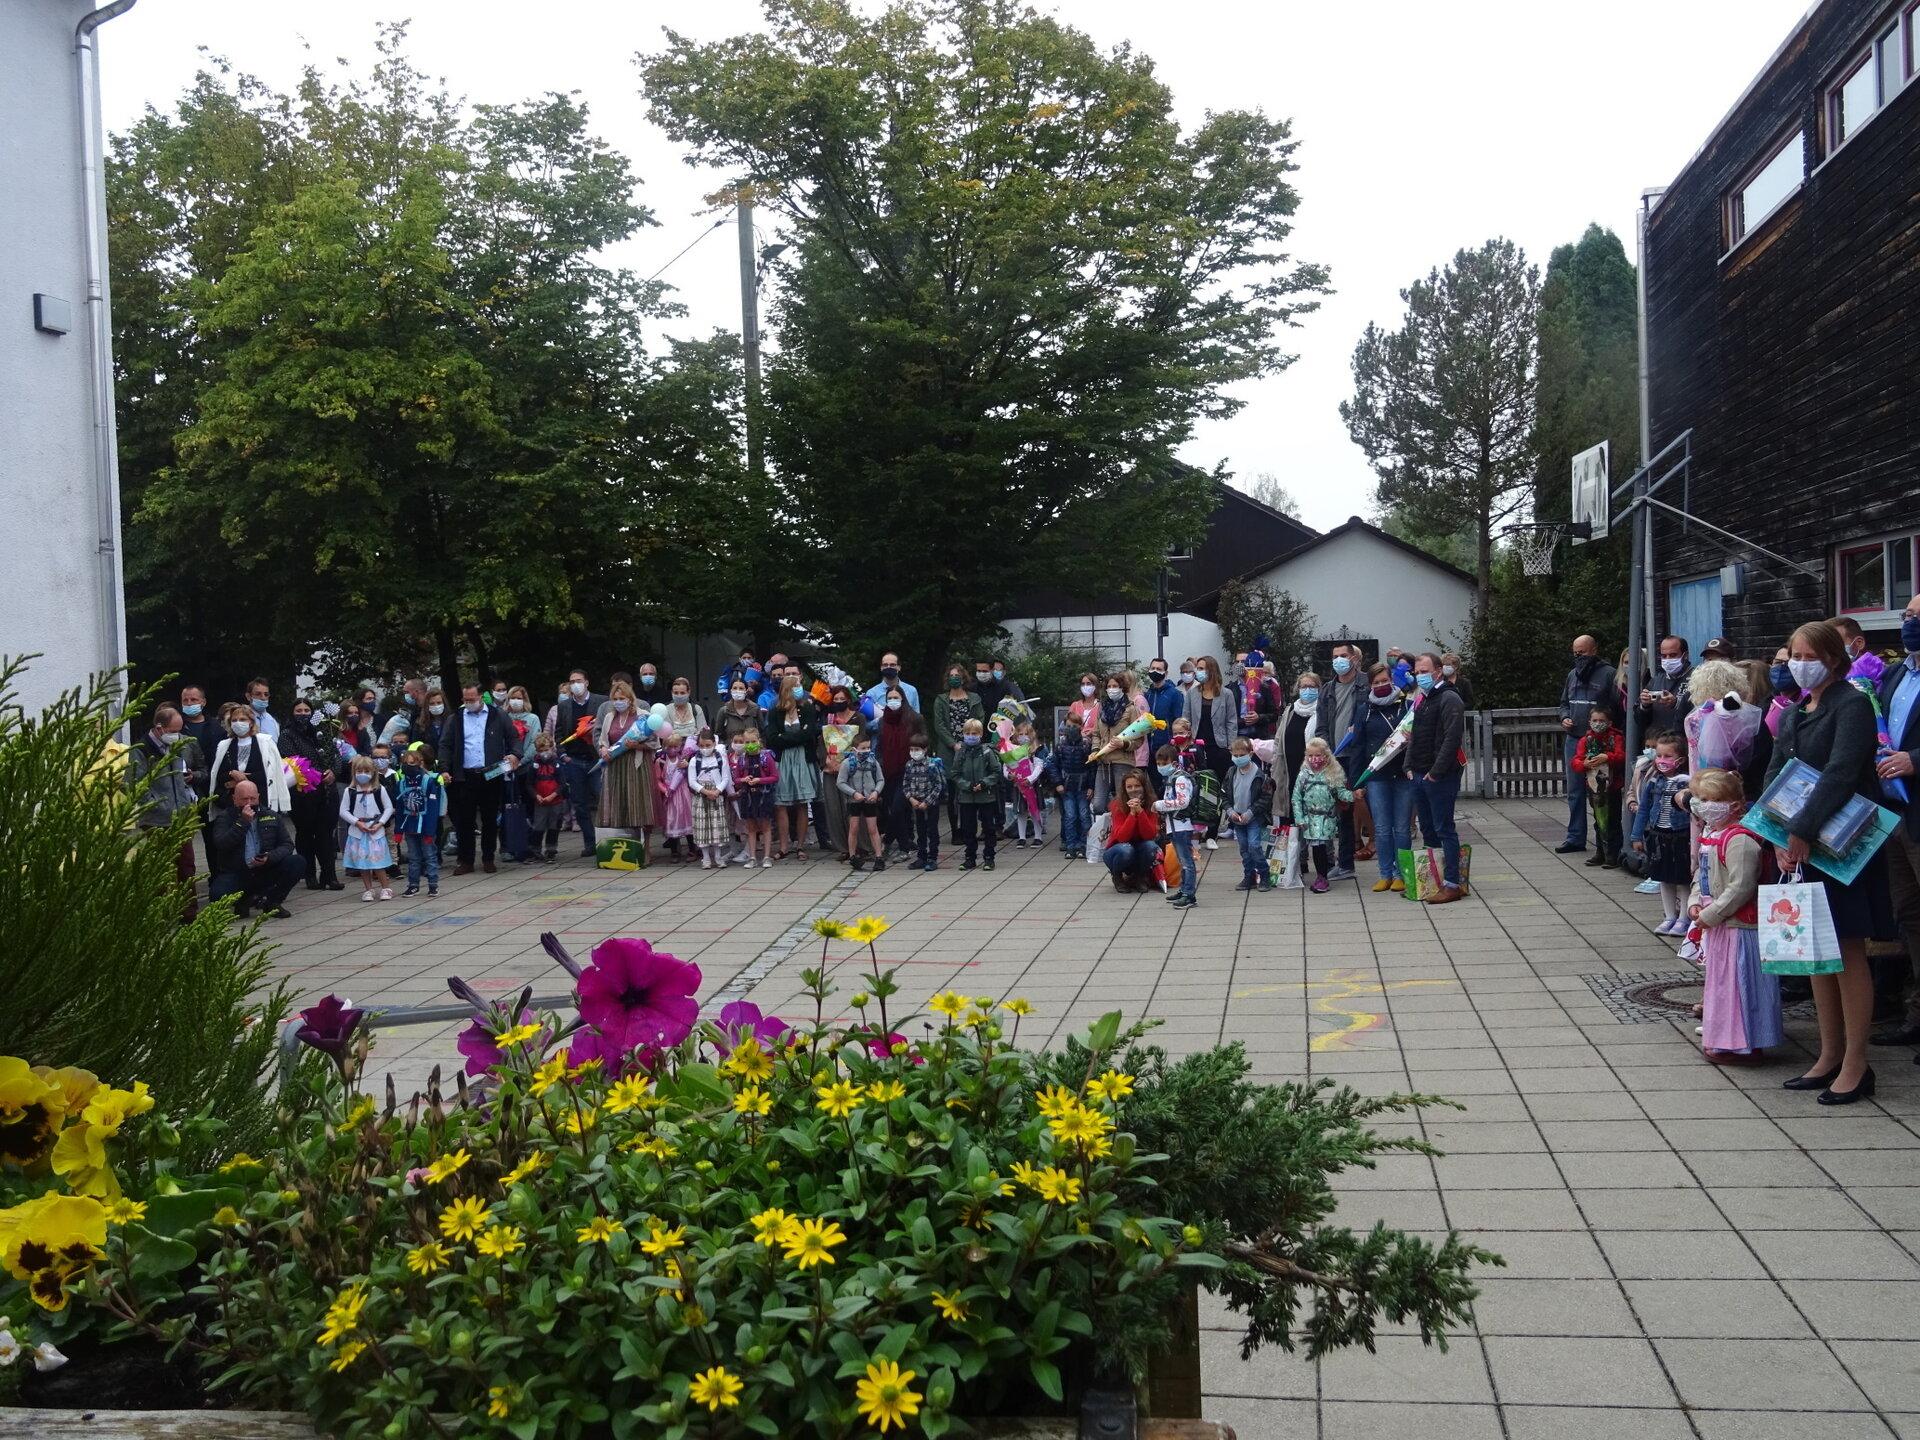 Schüler auf dem Hof am ersten Schultag